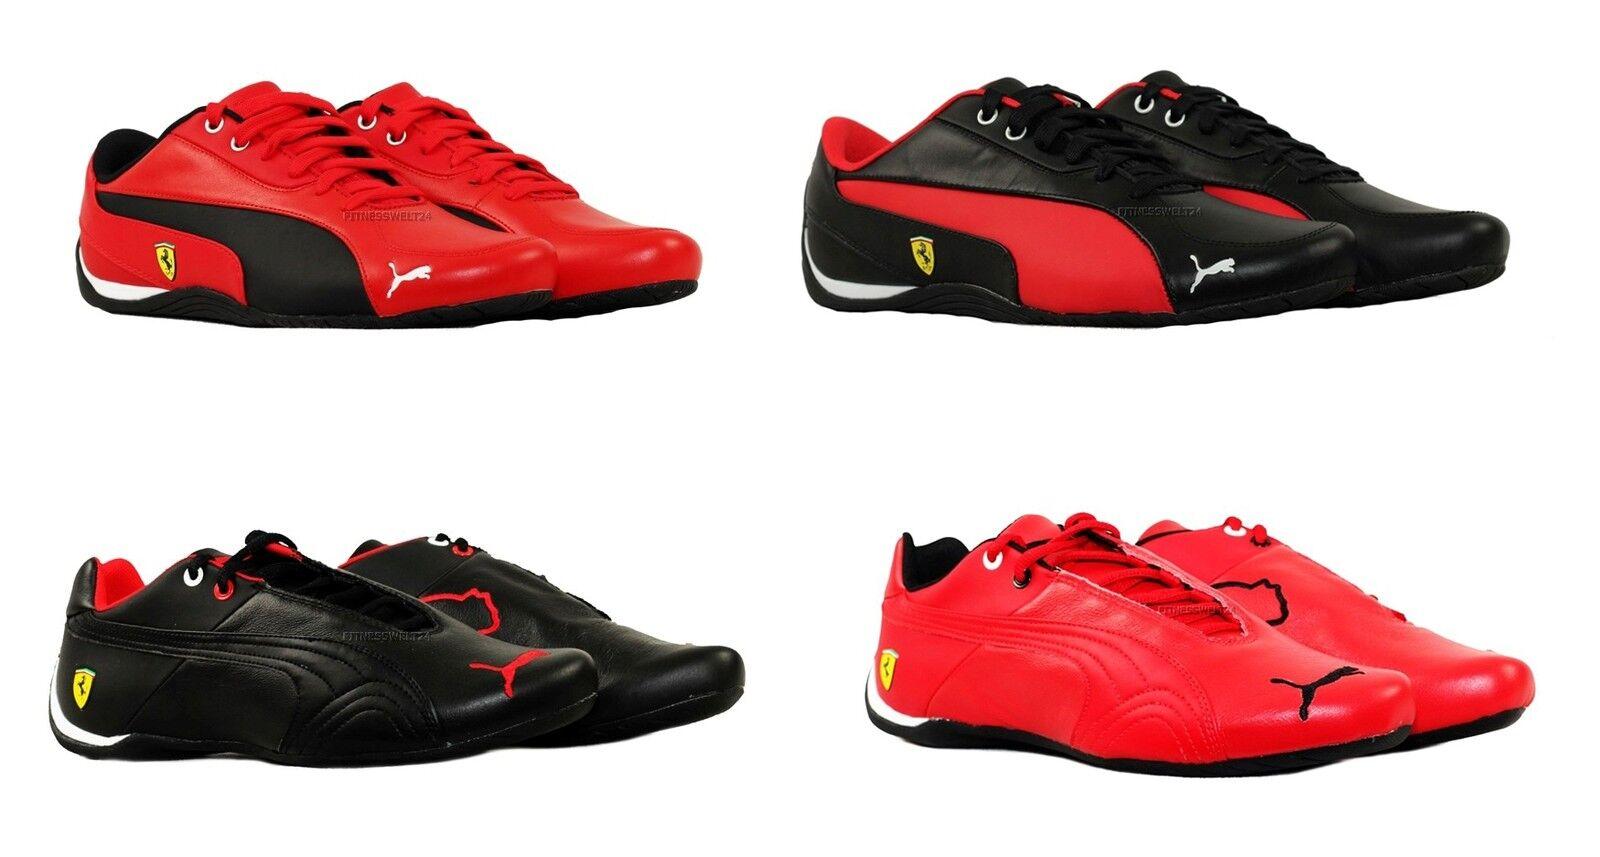 Puma Deriva CAT 5 SF Future Ferrari NUEVO Zapatillas Deportivas Hombre Zapatos NUEVO Ferrari c28f72